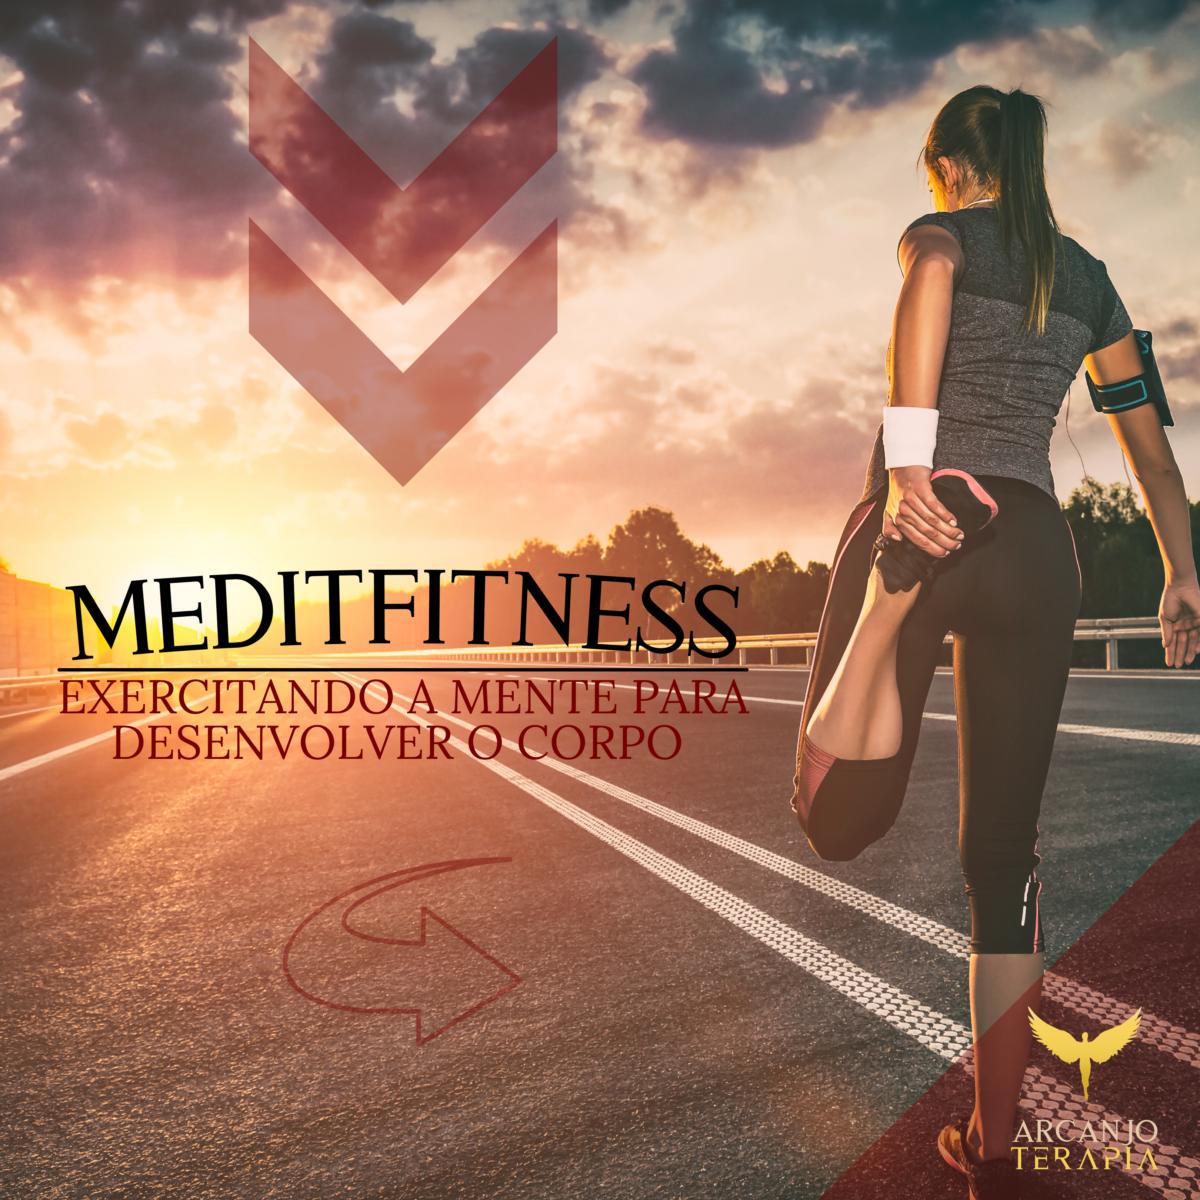 MeditFitness exercitando a mente para desenvolver o corpo